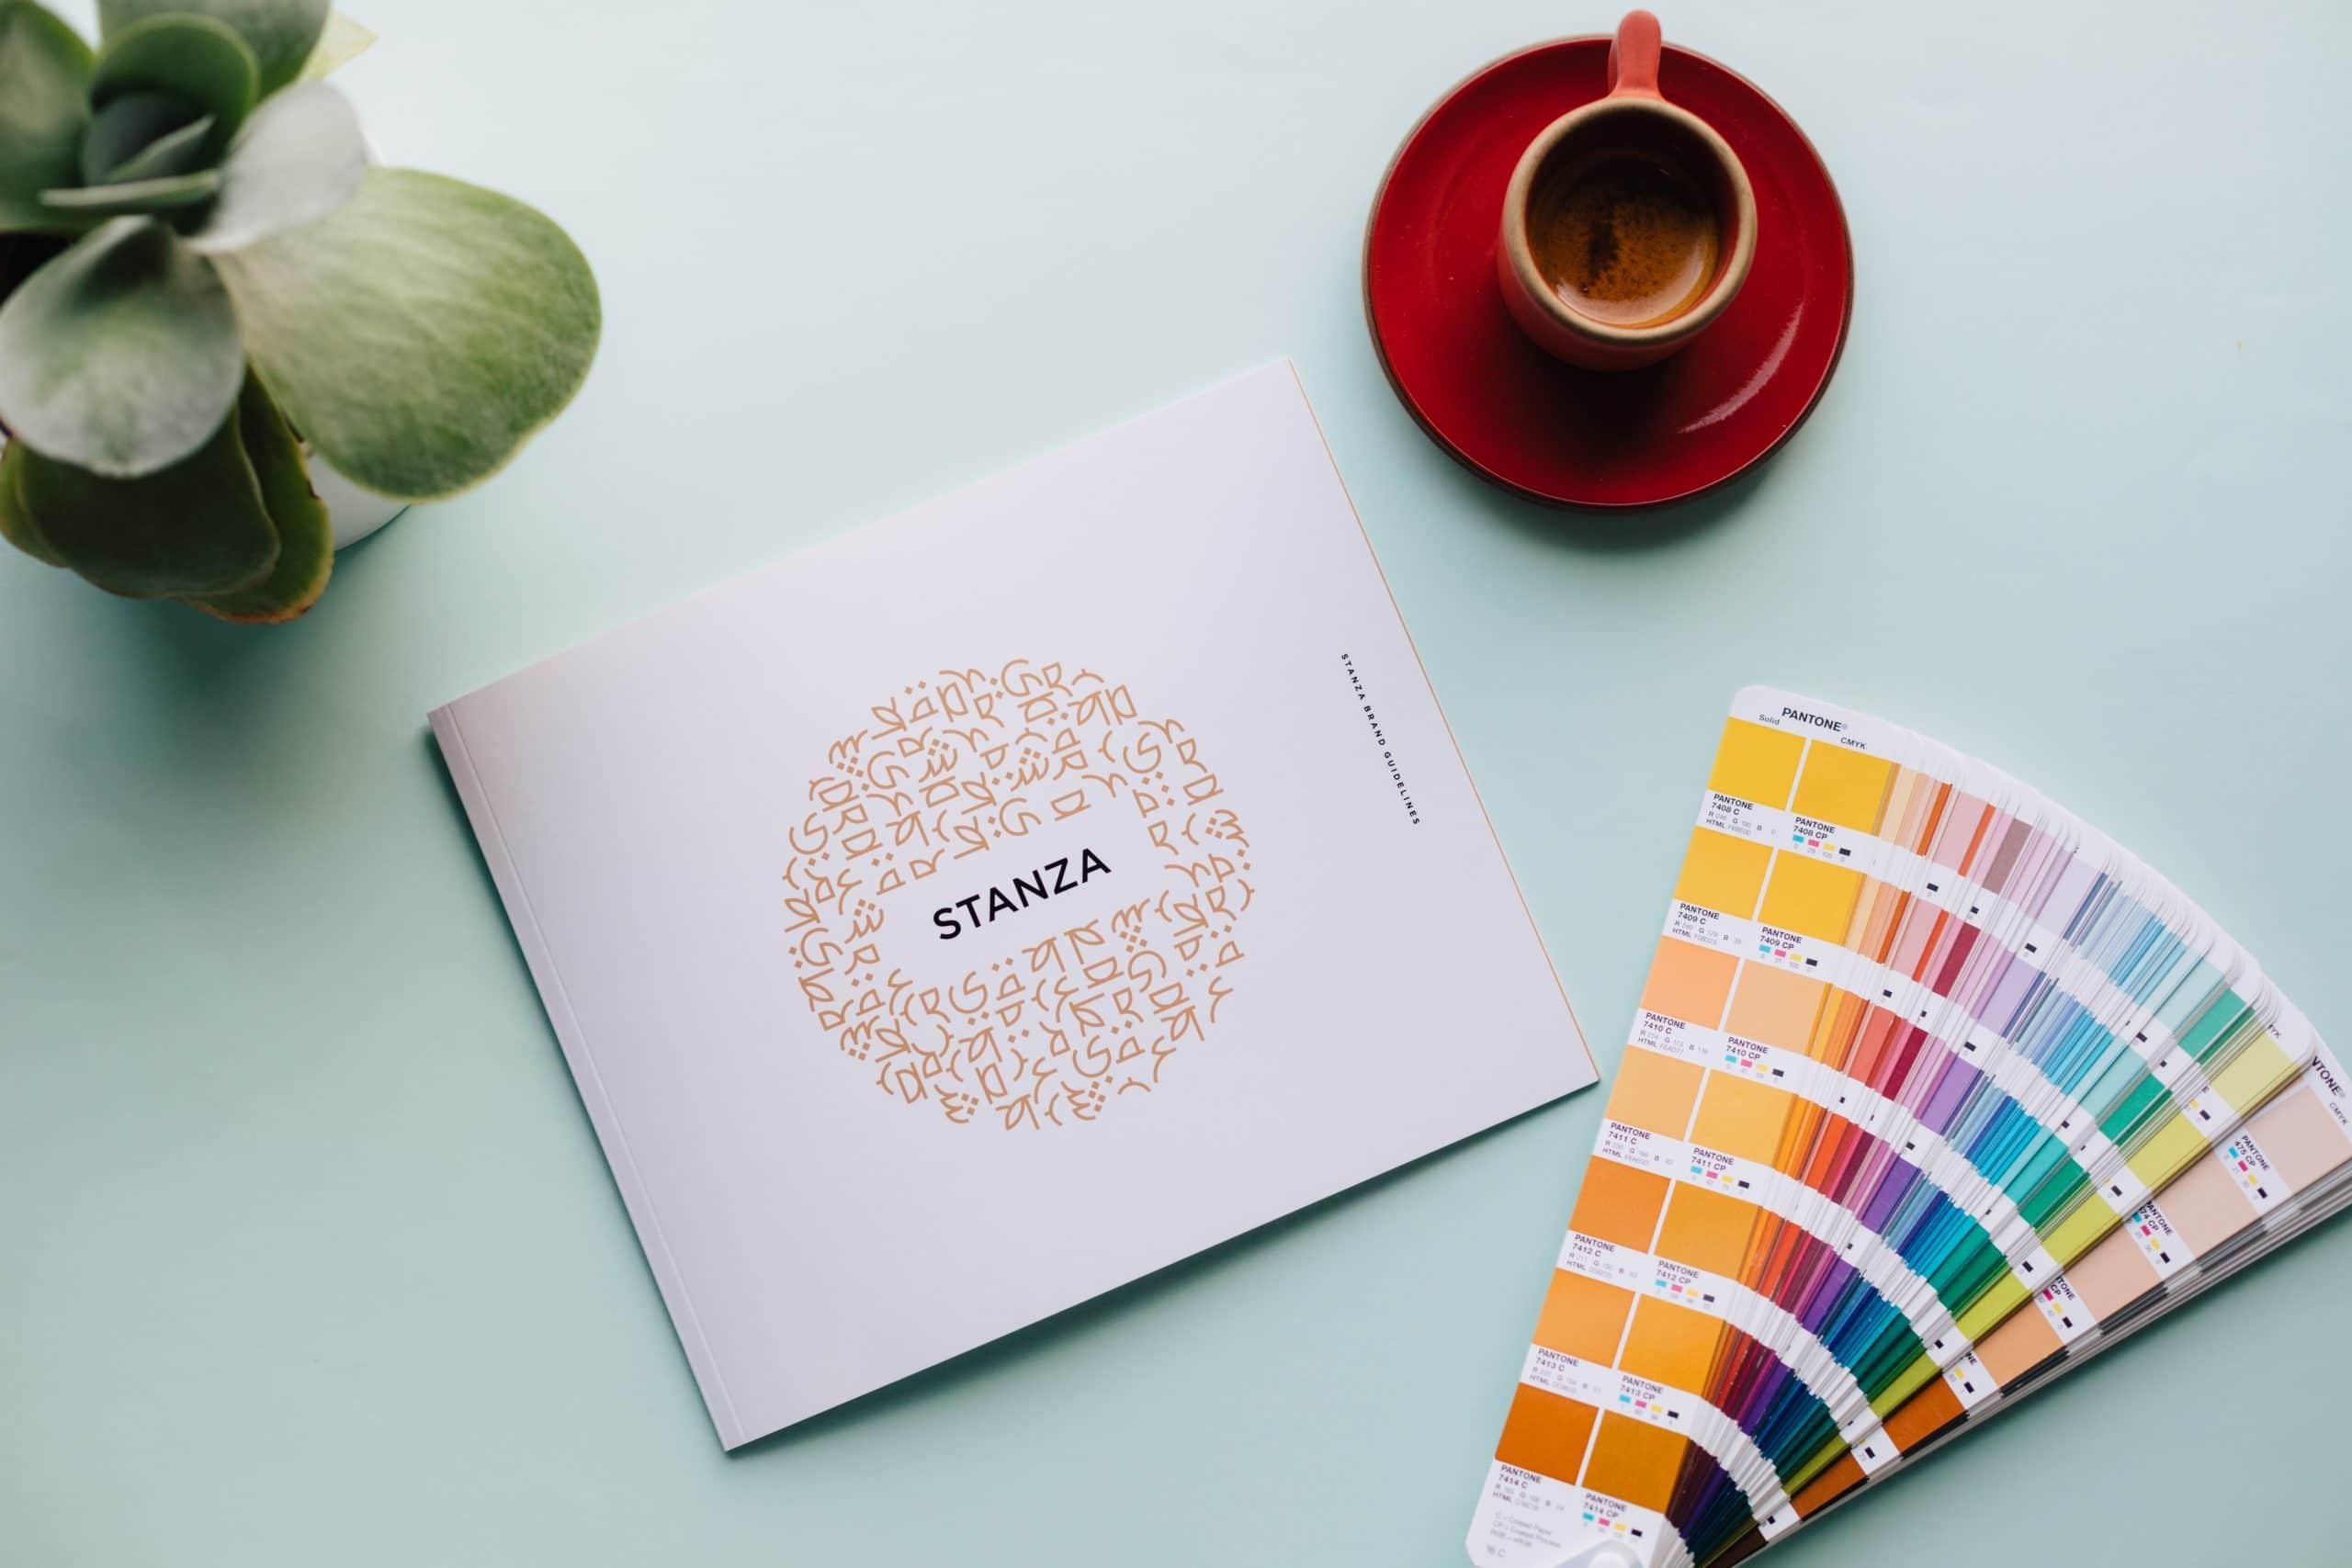 Stanza Coffee brand book cover with logo design